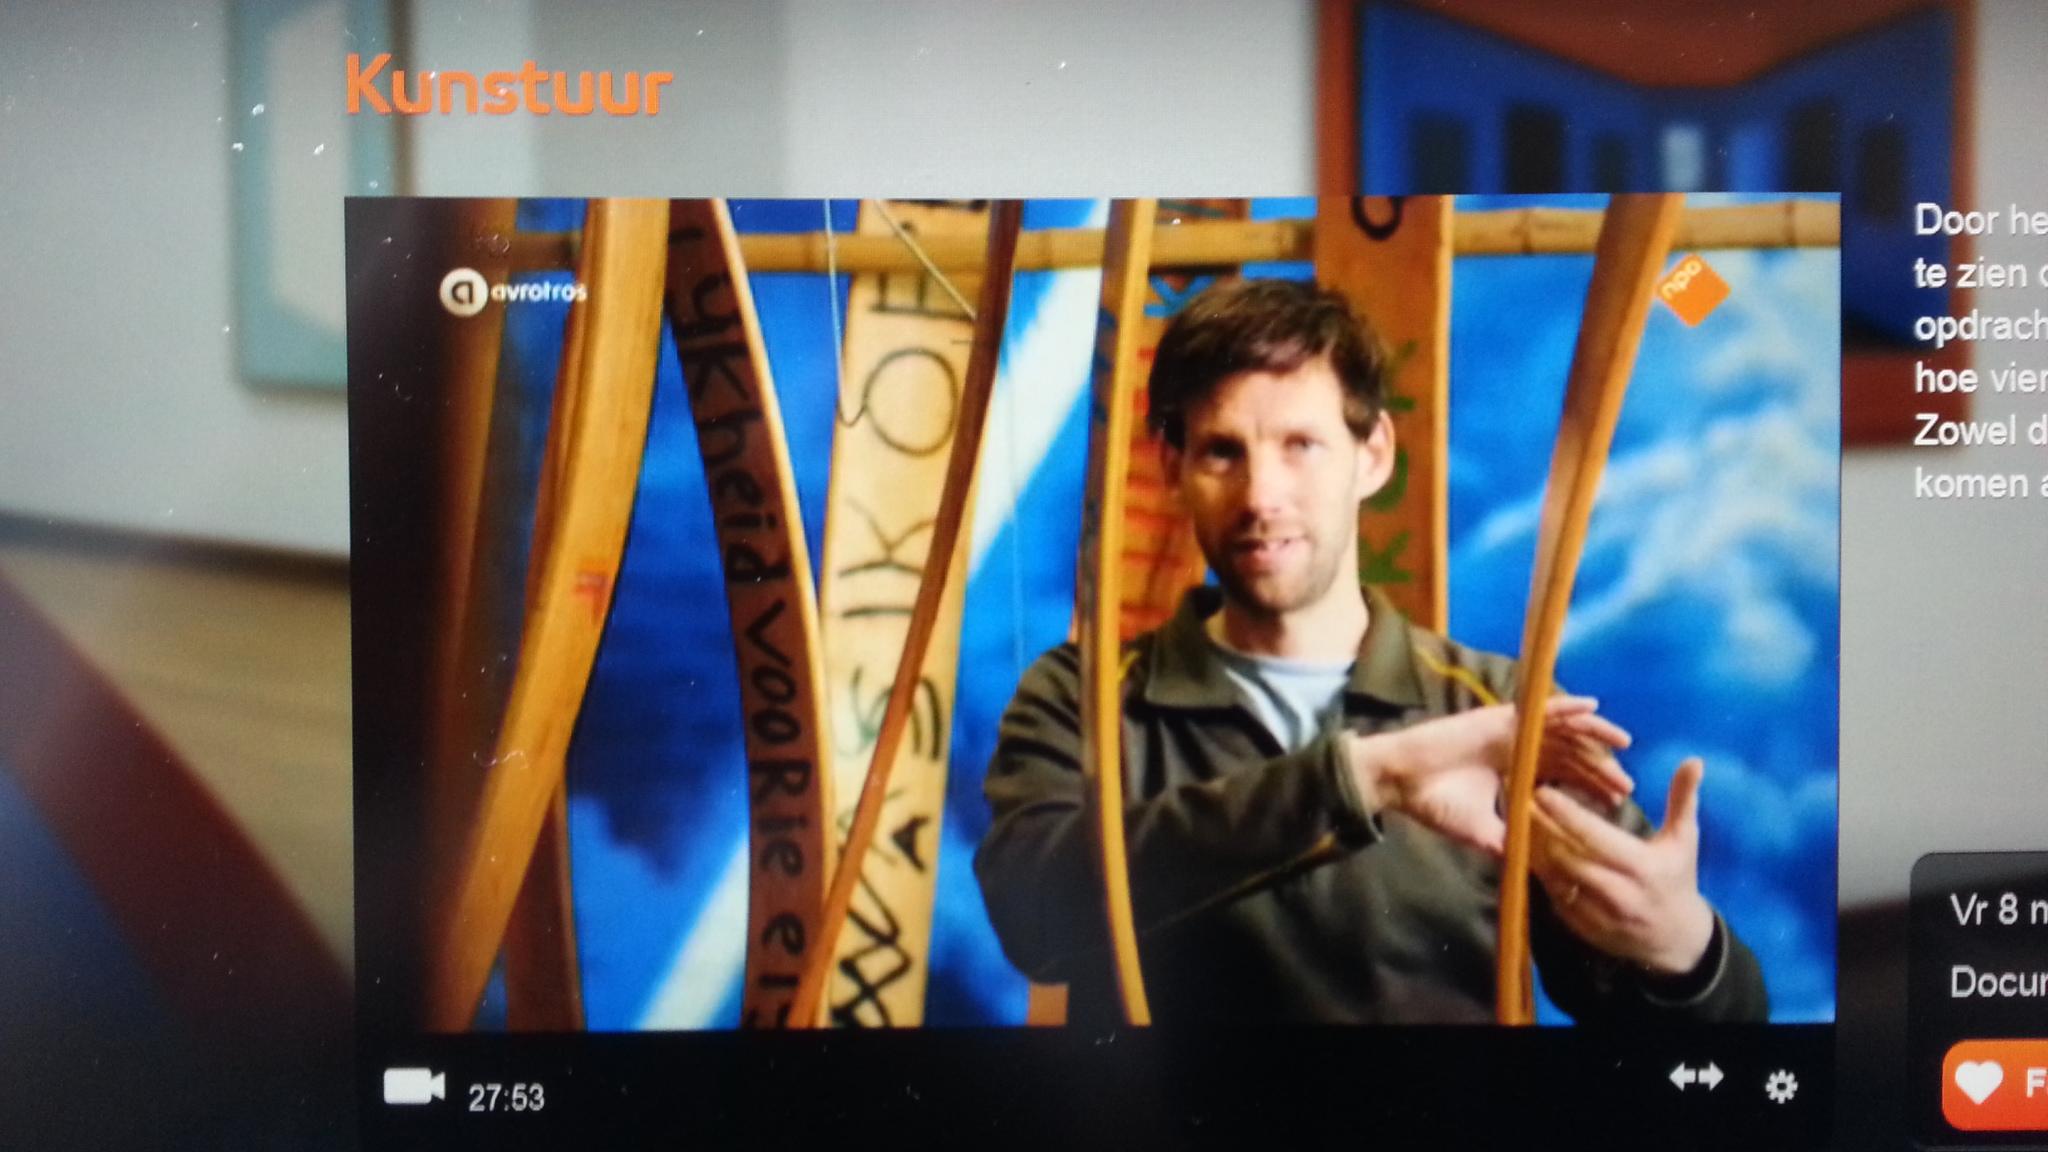 WoenselSupertoll! bij NPO's Kunstuur